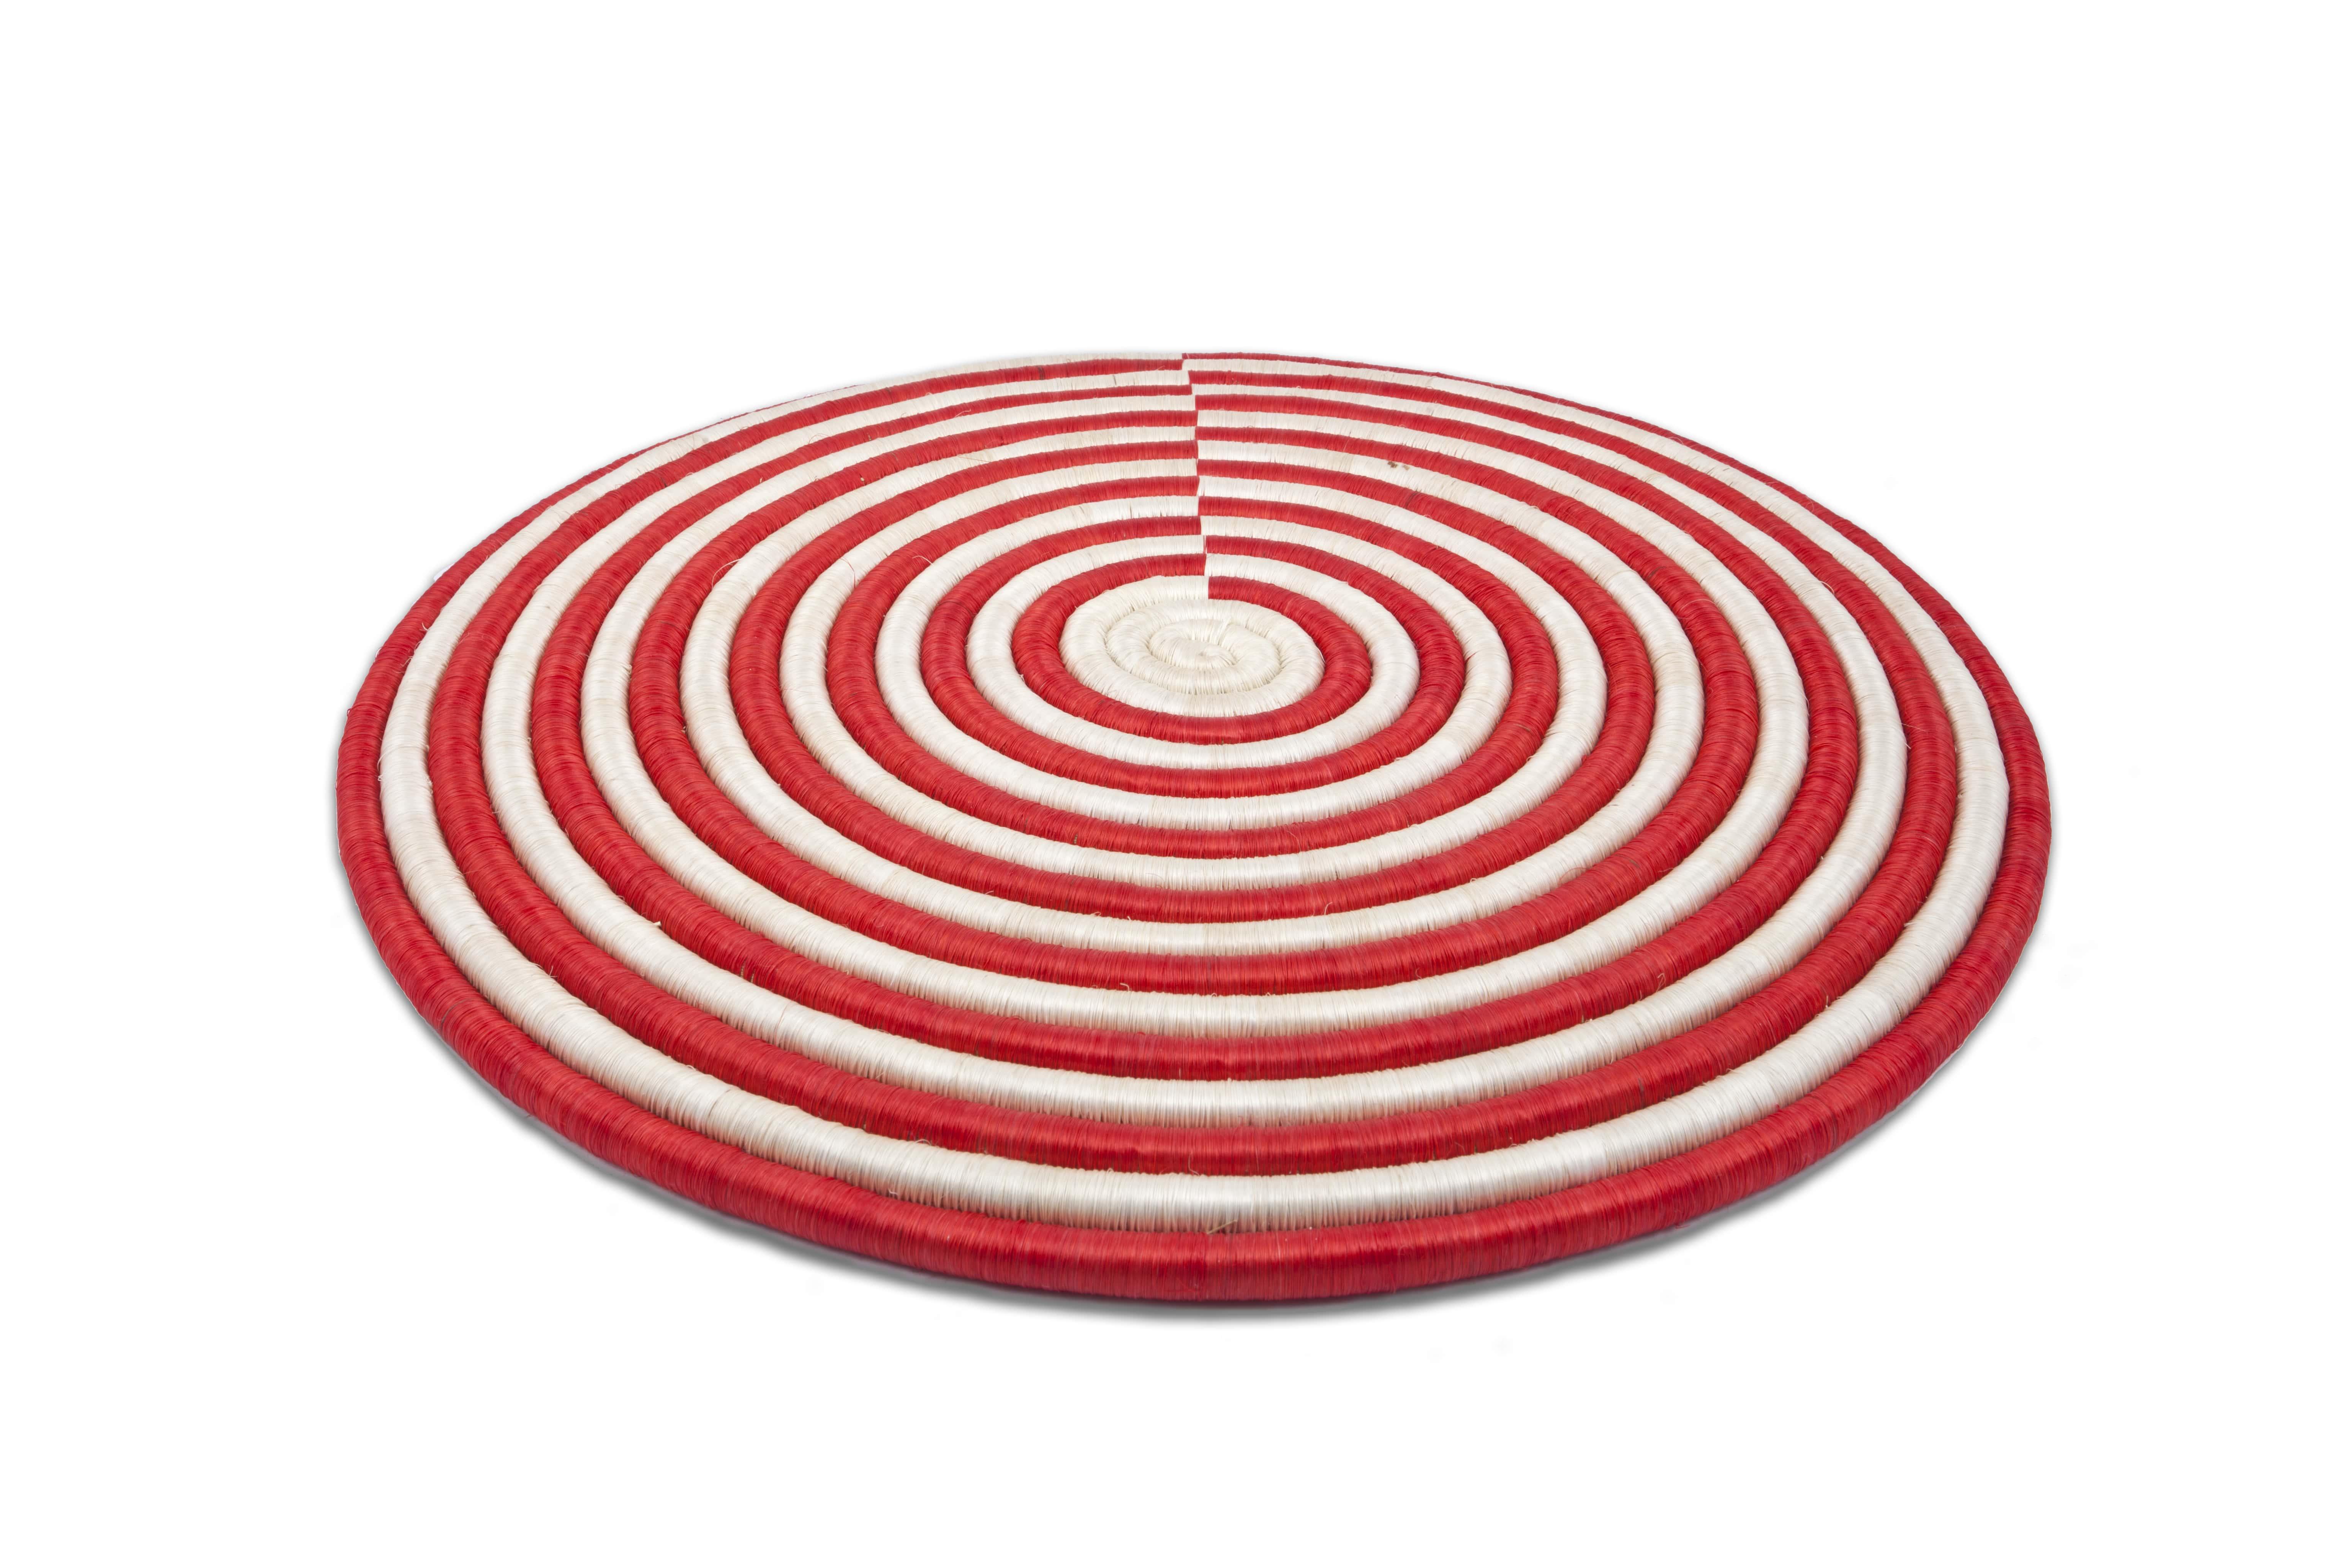 Juego de individuales Guacamayas,rojo